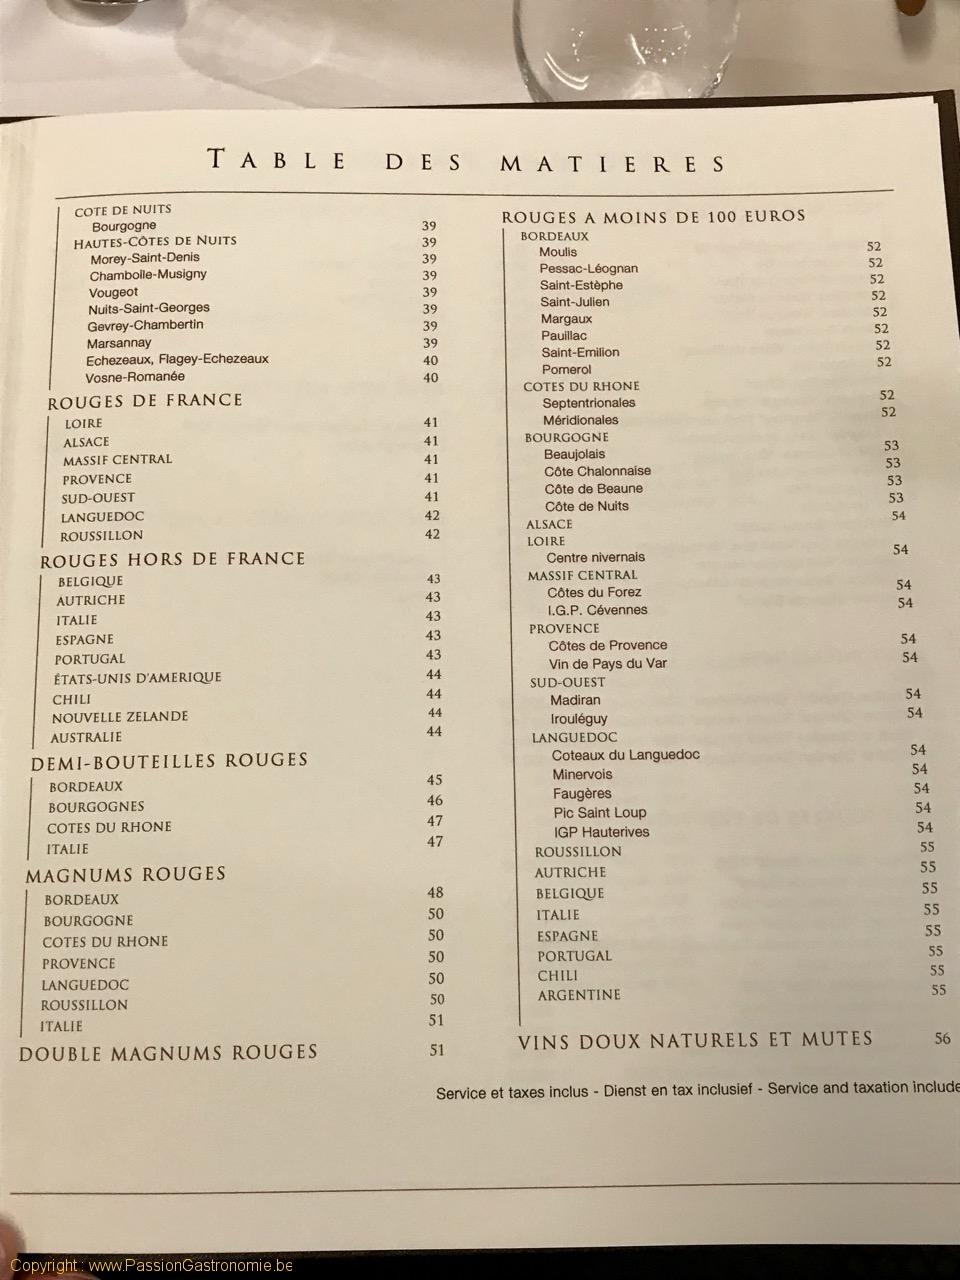 Restaurant Comme Chez Soi - La table des matières de la carte des vins